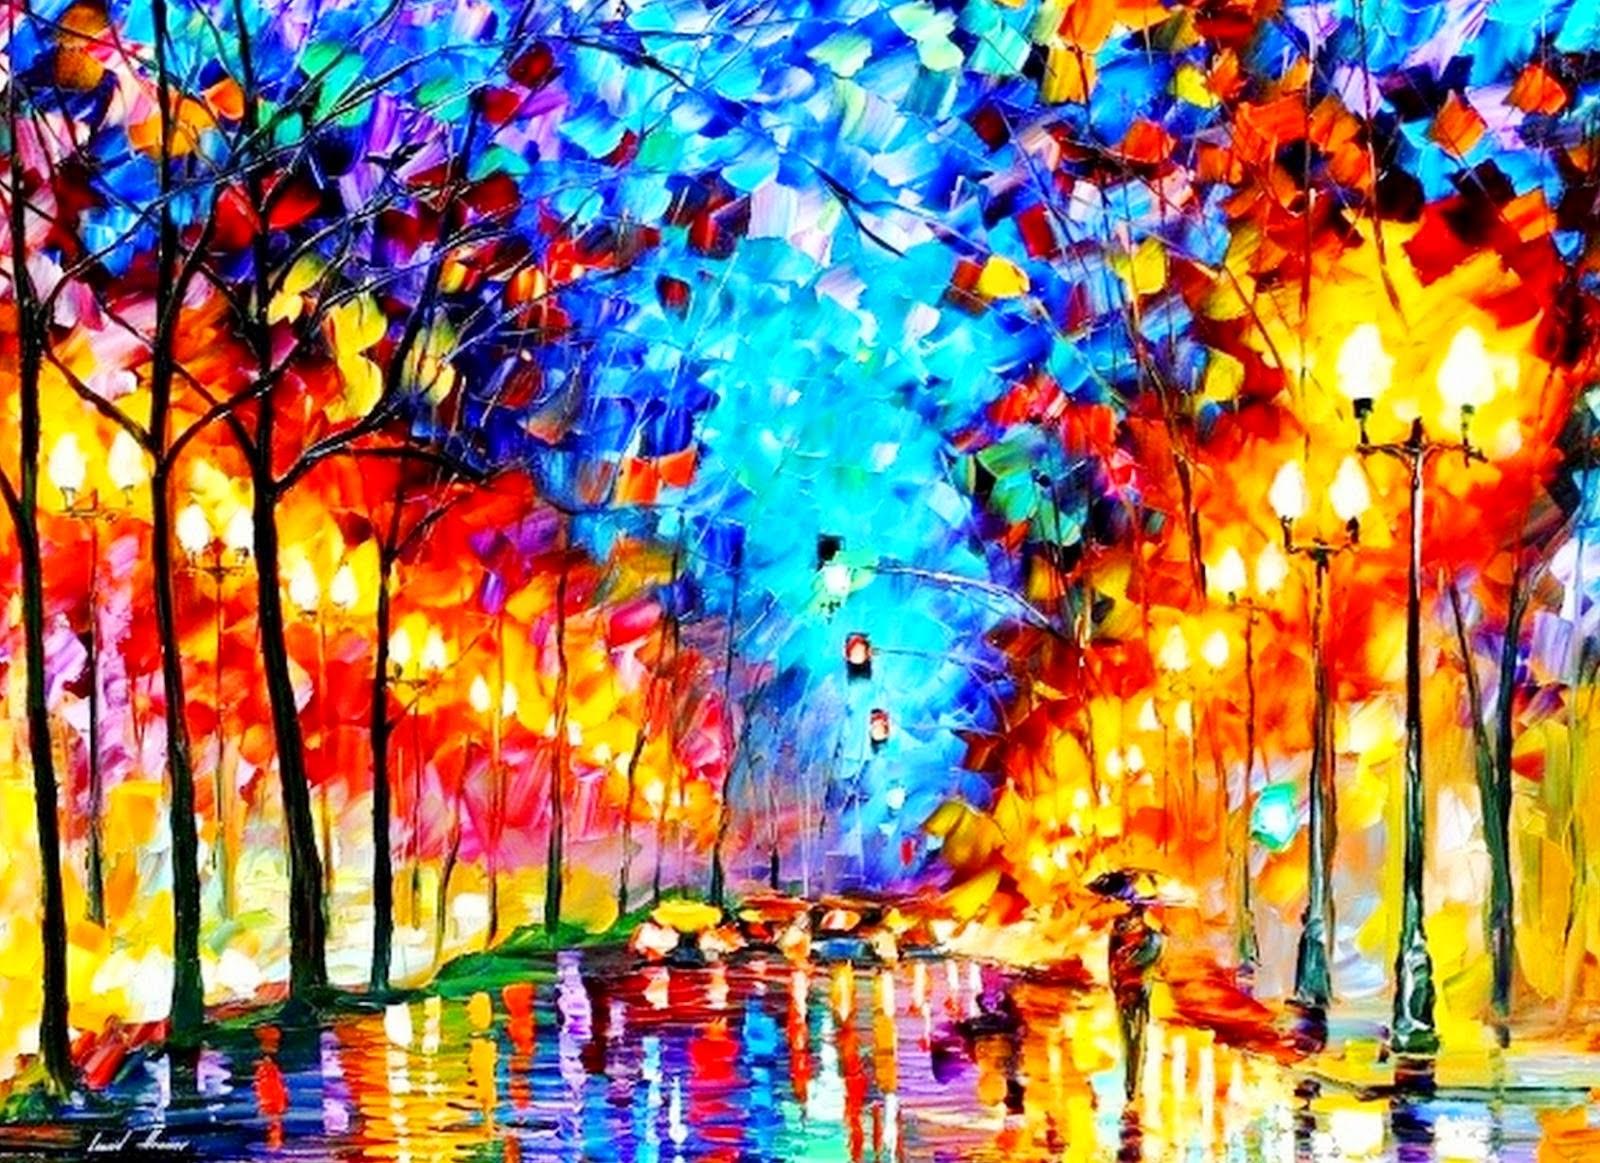 Violetas arte y color pintura leonid afremov for Fotos para cuadros grandes